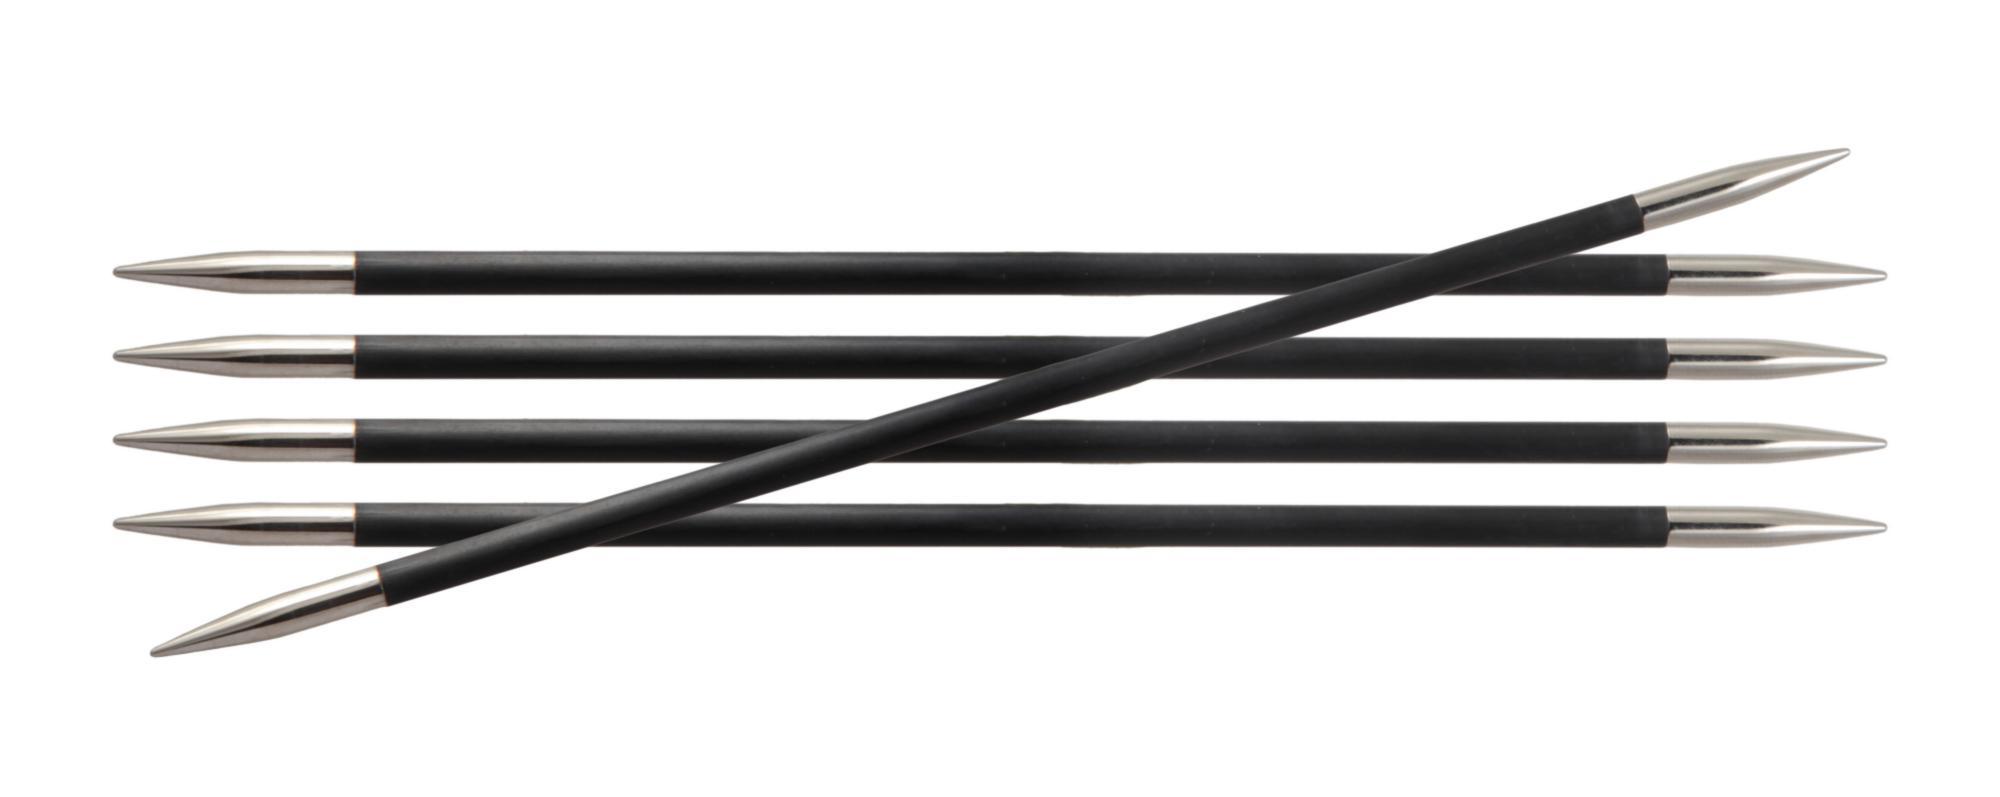 Спицы носочные 20 см Karbonz KnitPro, 41125, 2.25 мм